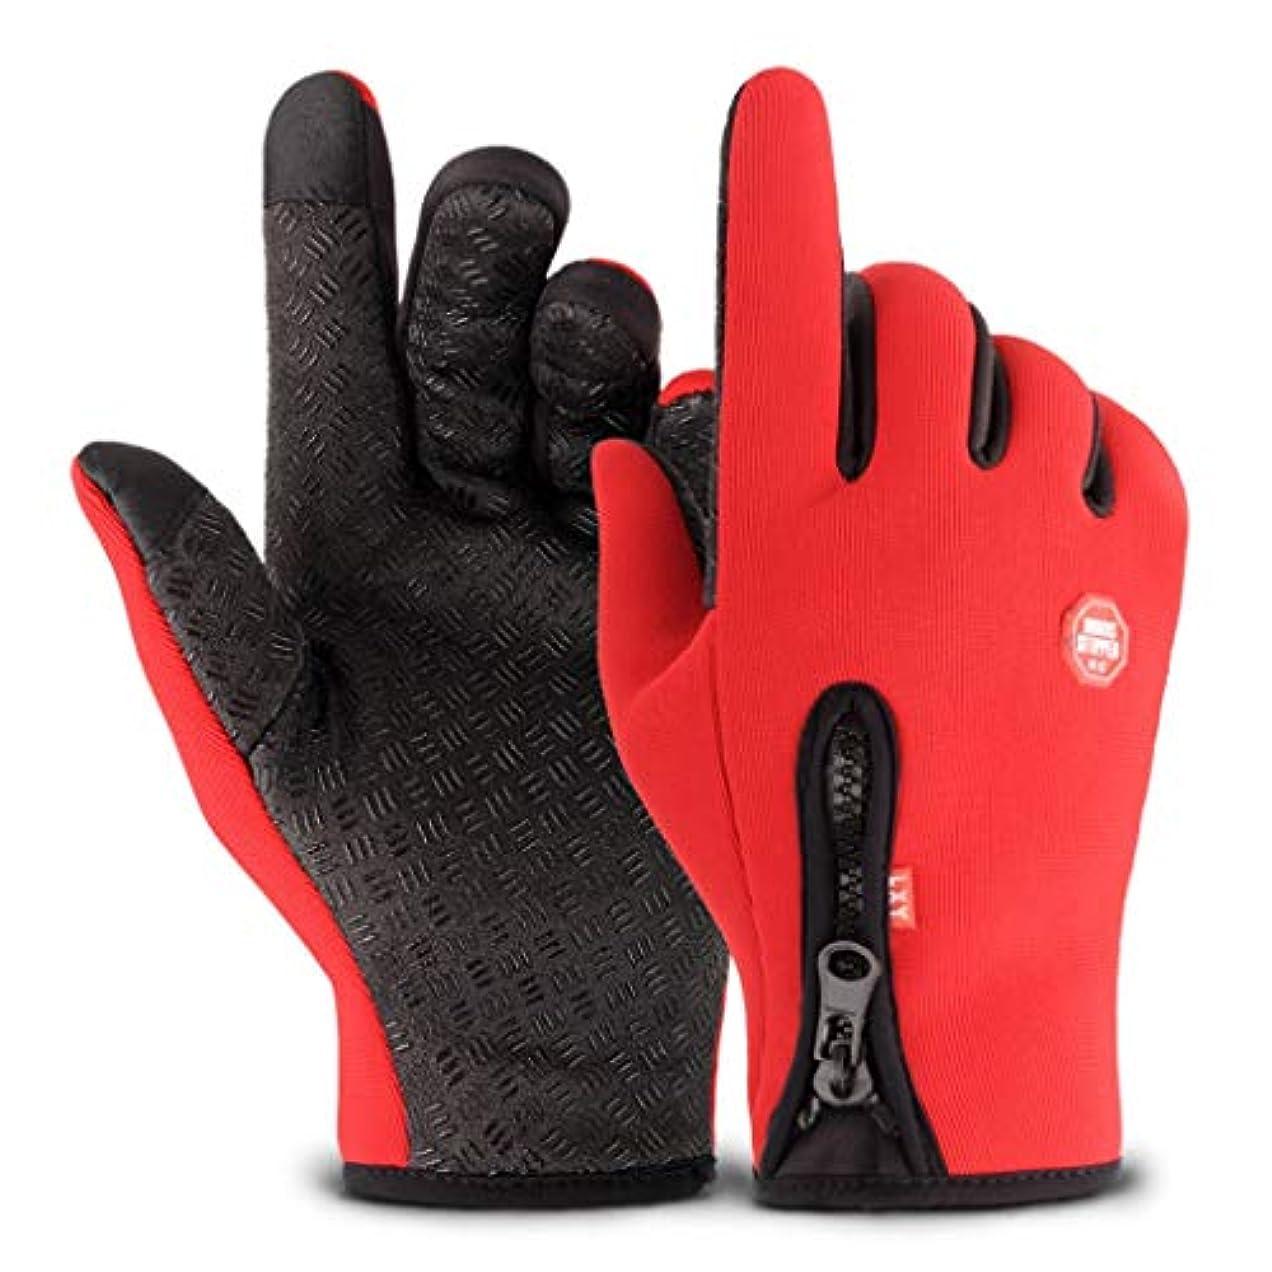 くさびチチカカ湖ご近所手袋の男性の秋と冬の自転車電動バイクの女性のタッチスクリーンは、すべてwindproofノンスリップ暖かいと冷たいプラスベルベット弾性手袋ワンサイズ赤